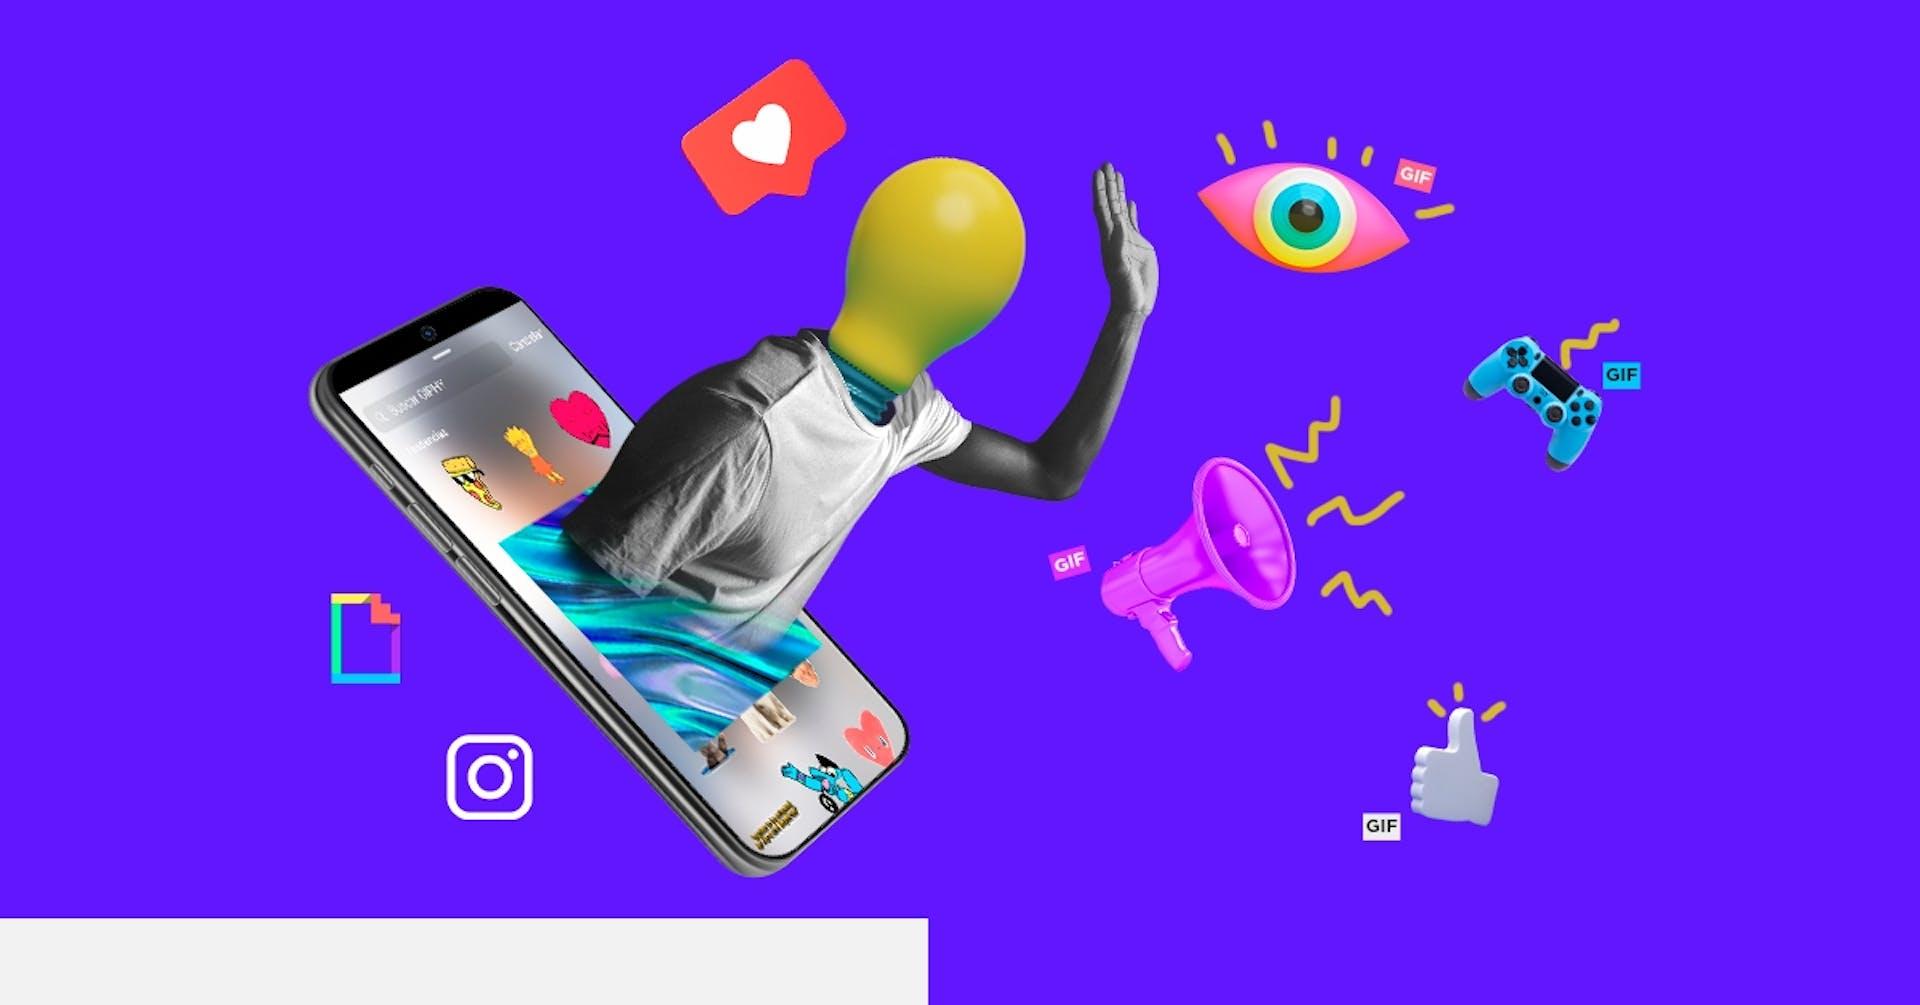 ¿Cómo hacer un GIF para Instagram y volverlo viral?